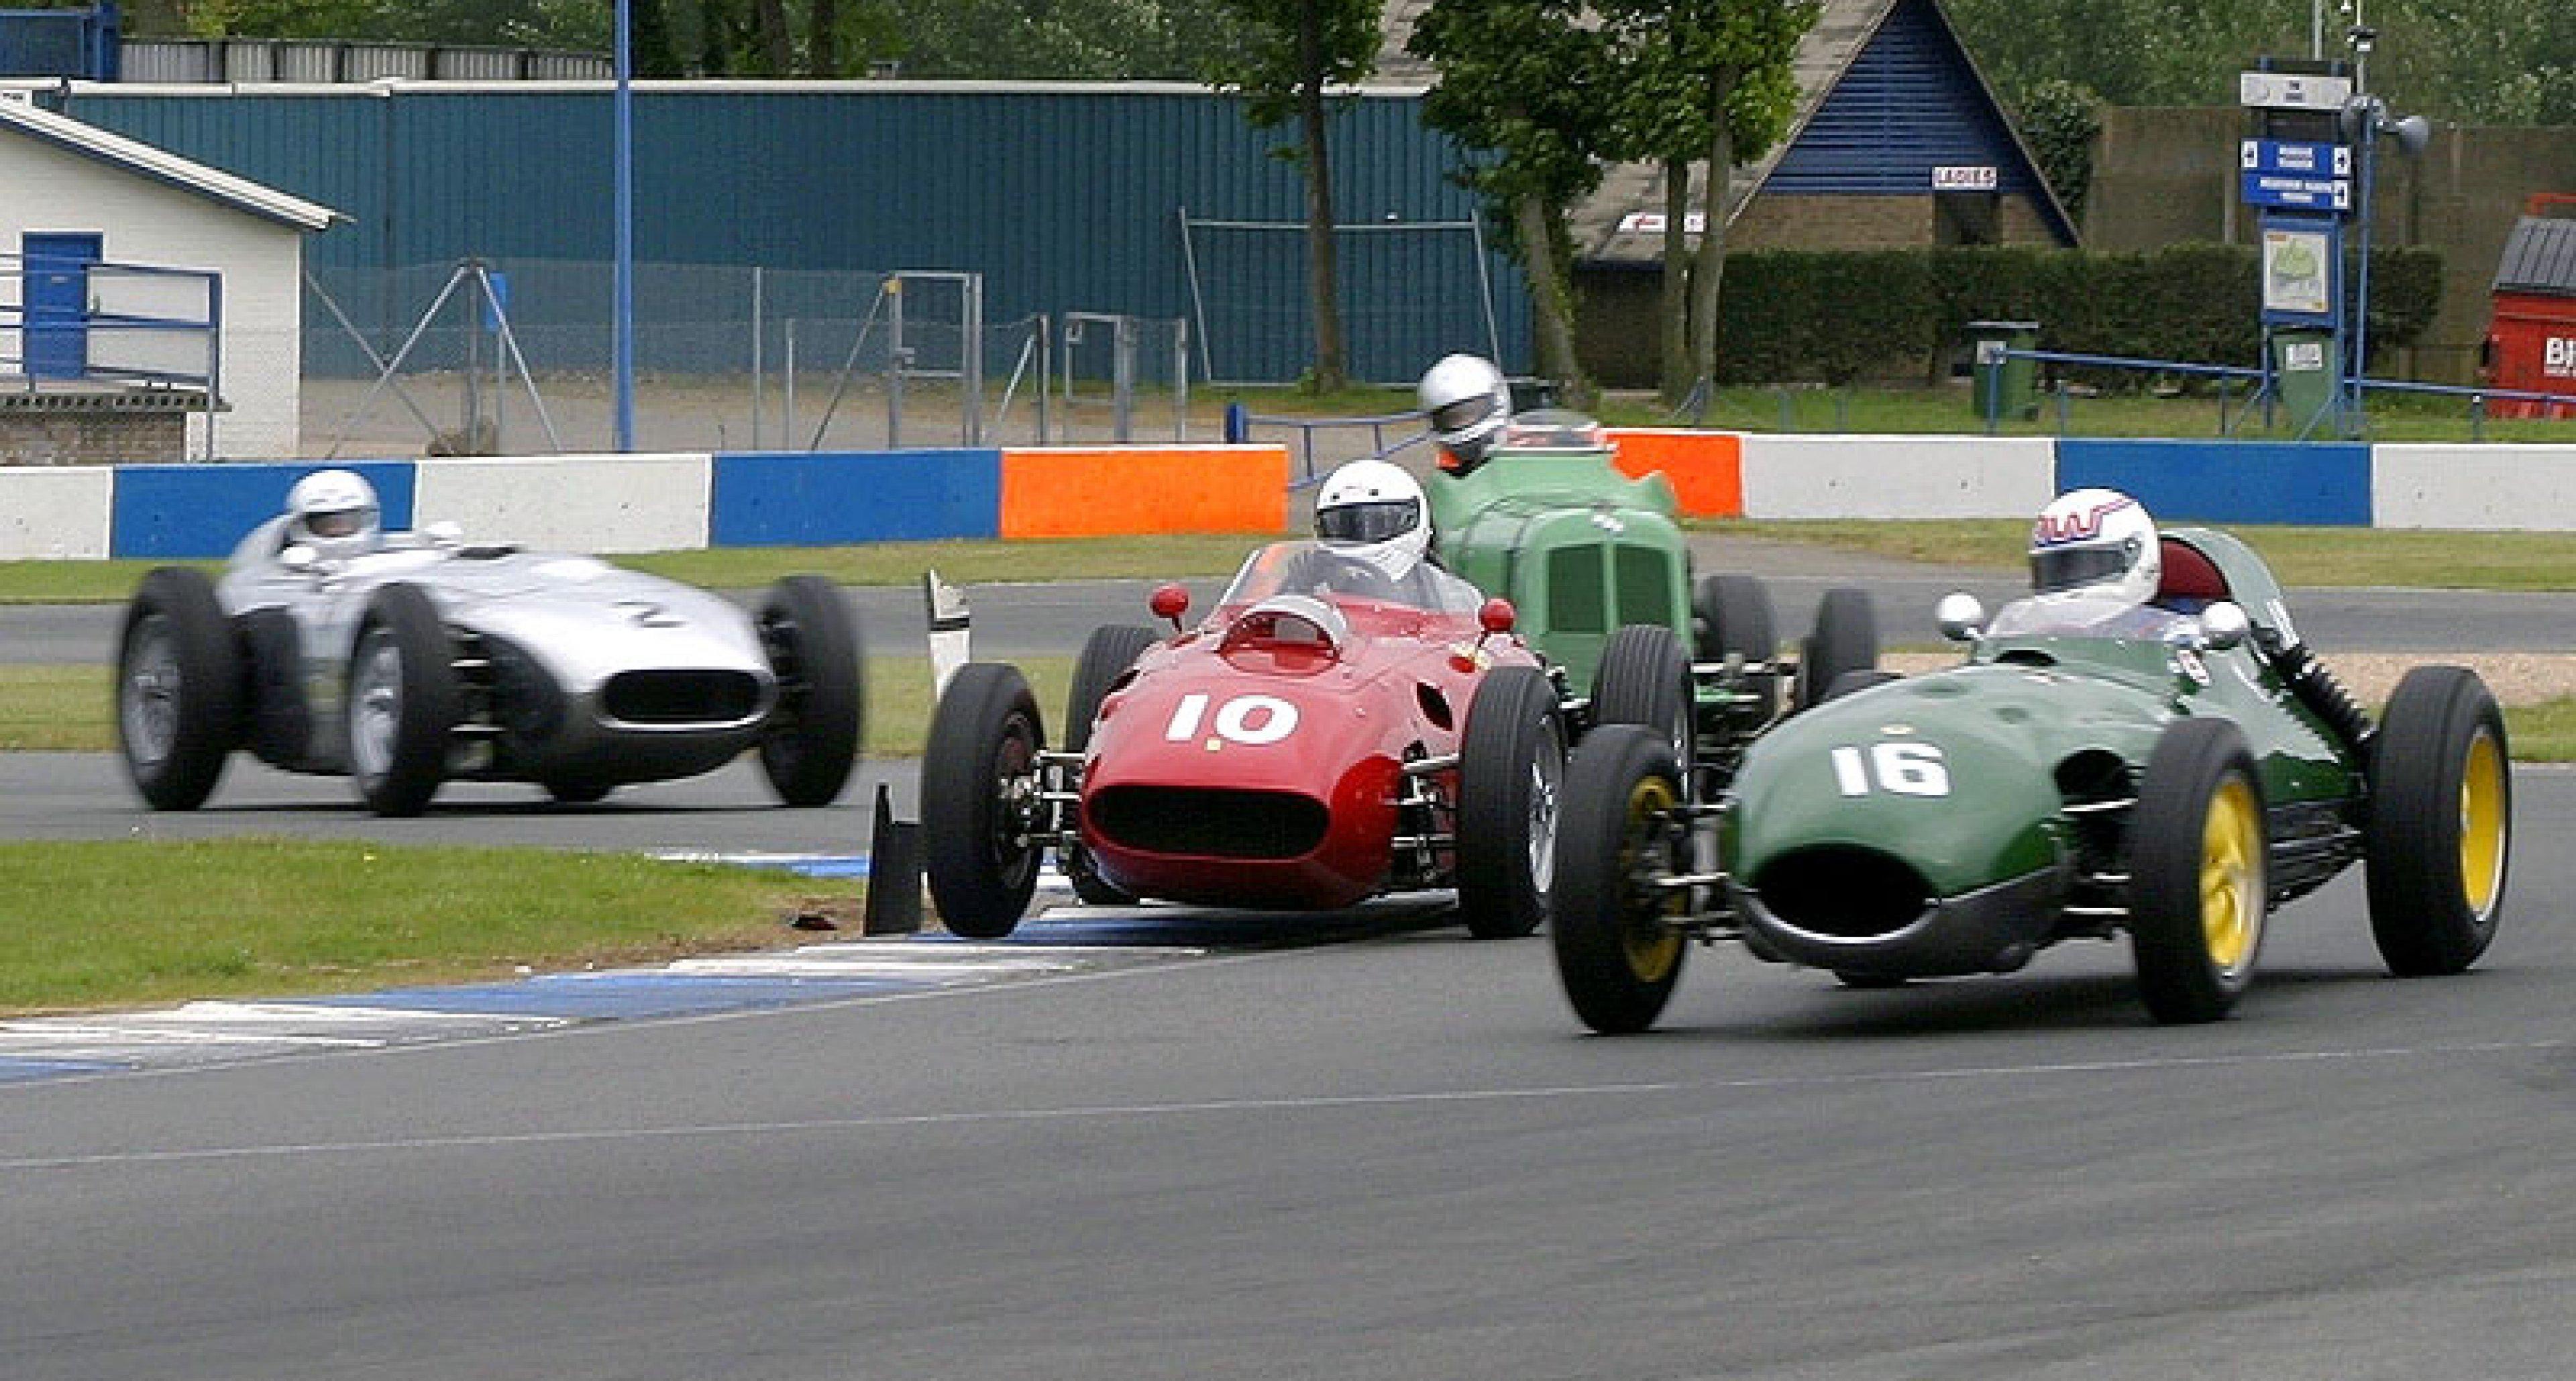 'La Grande Passione' - The Masters Series at Donington May 2007